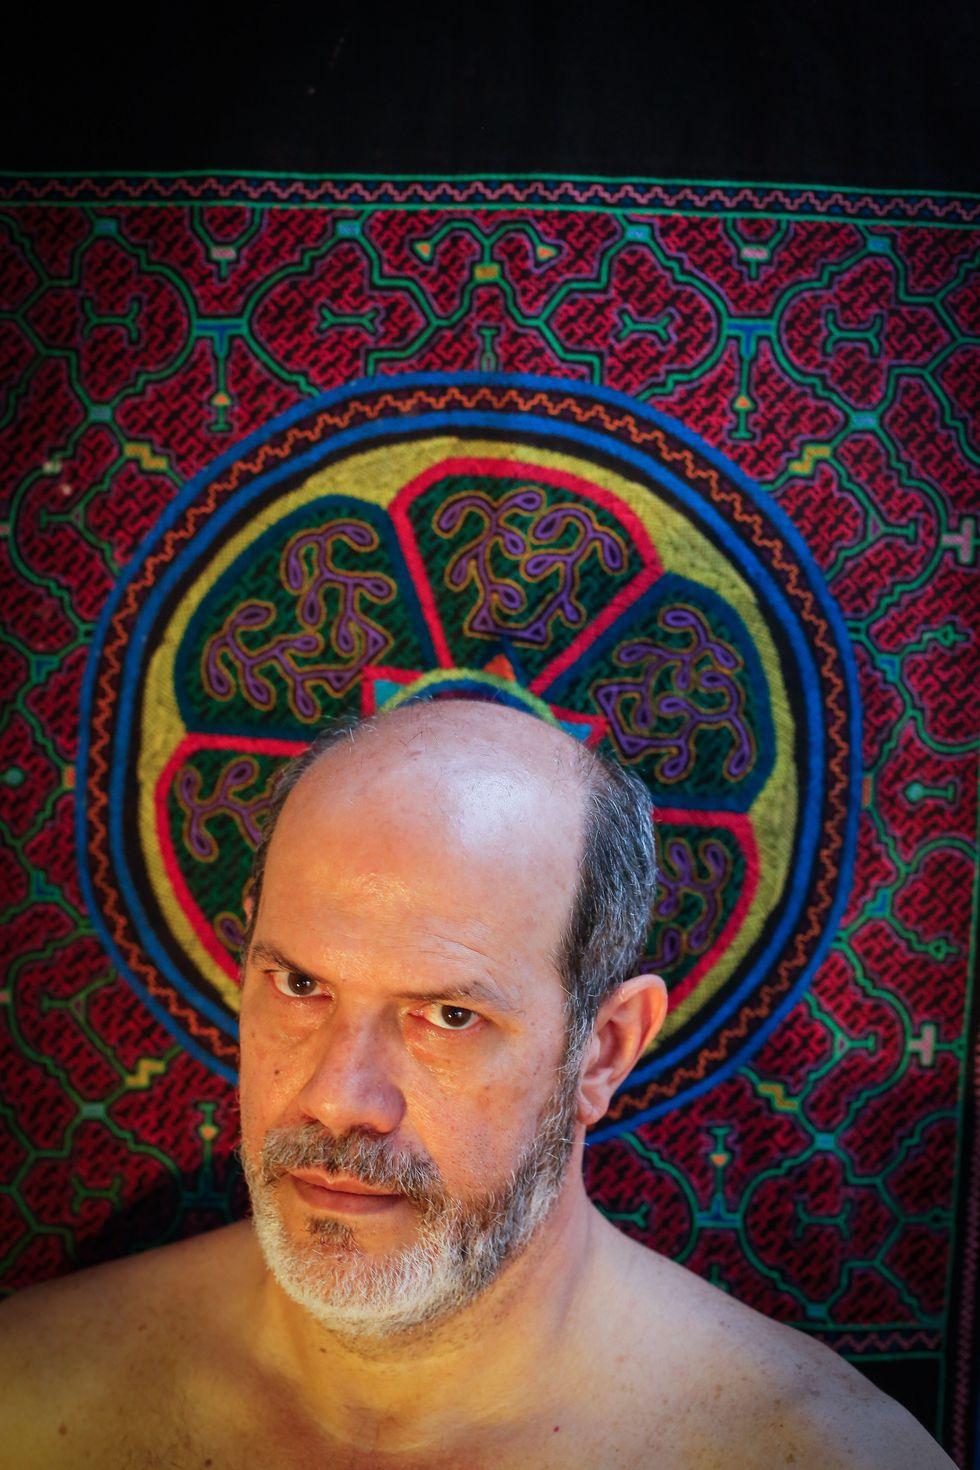 El artista transfigurado en su obra. (Foto: Hugo Pérez)